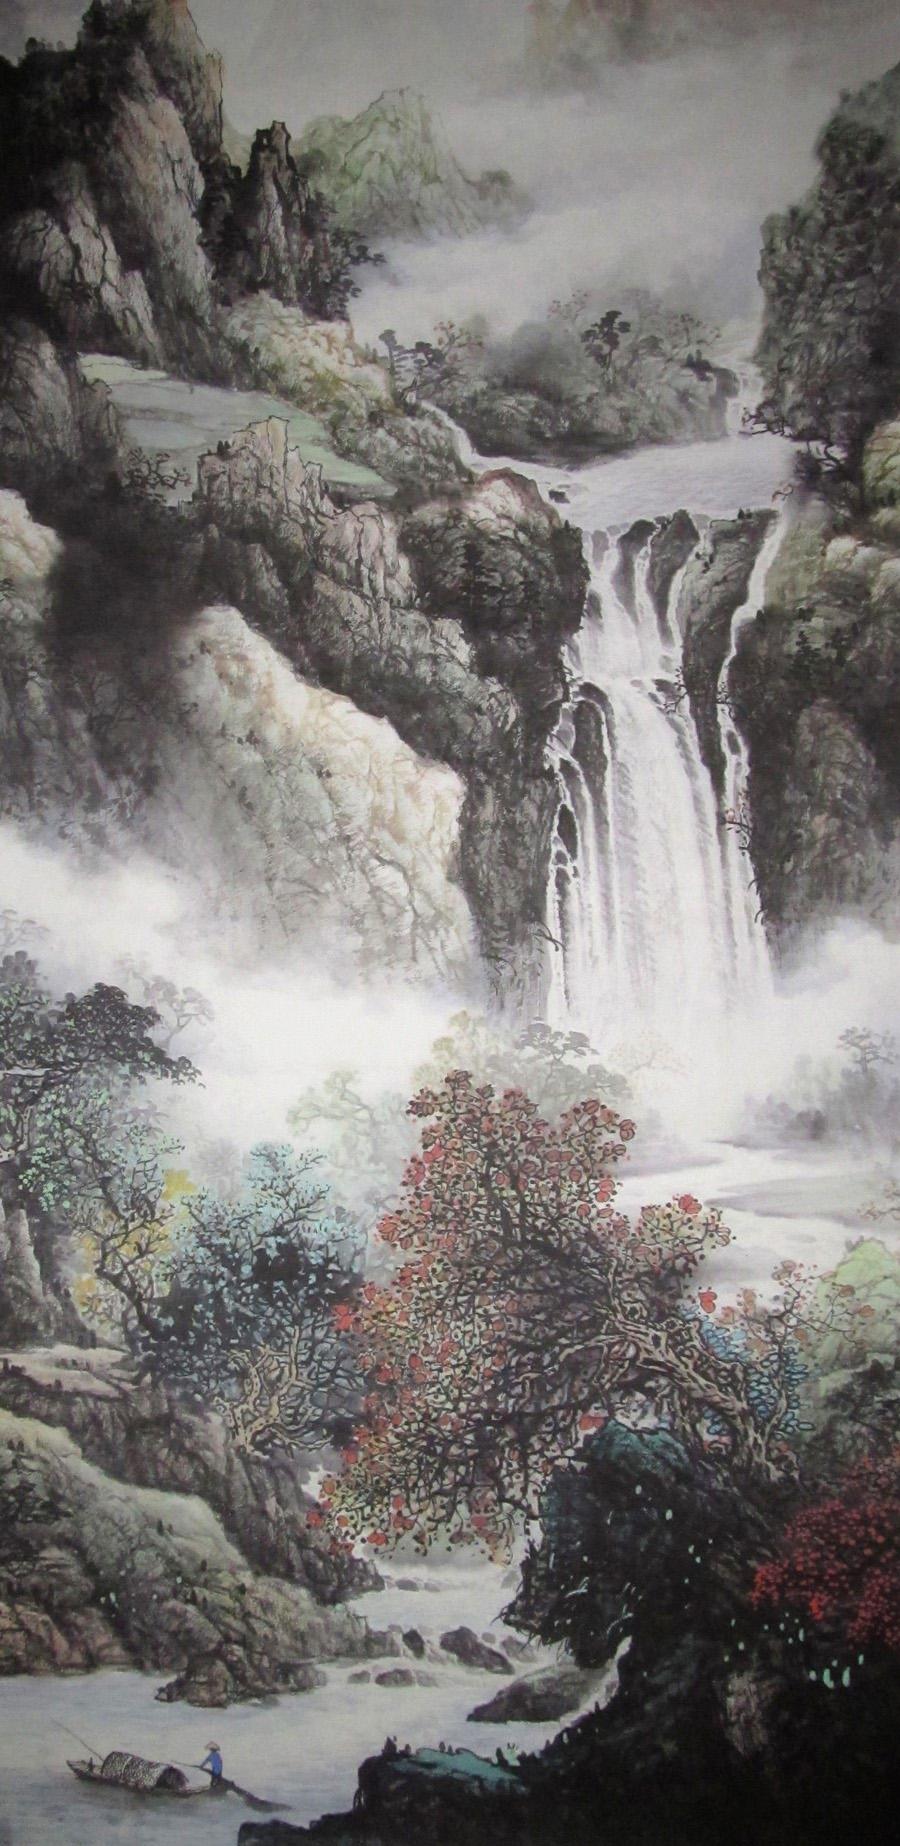 高仿国画 批发国画 山水画 装饰画 四尺竖幅 高山流水图片